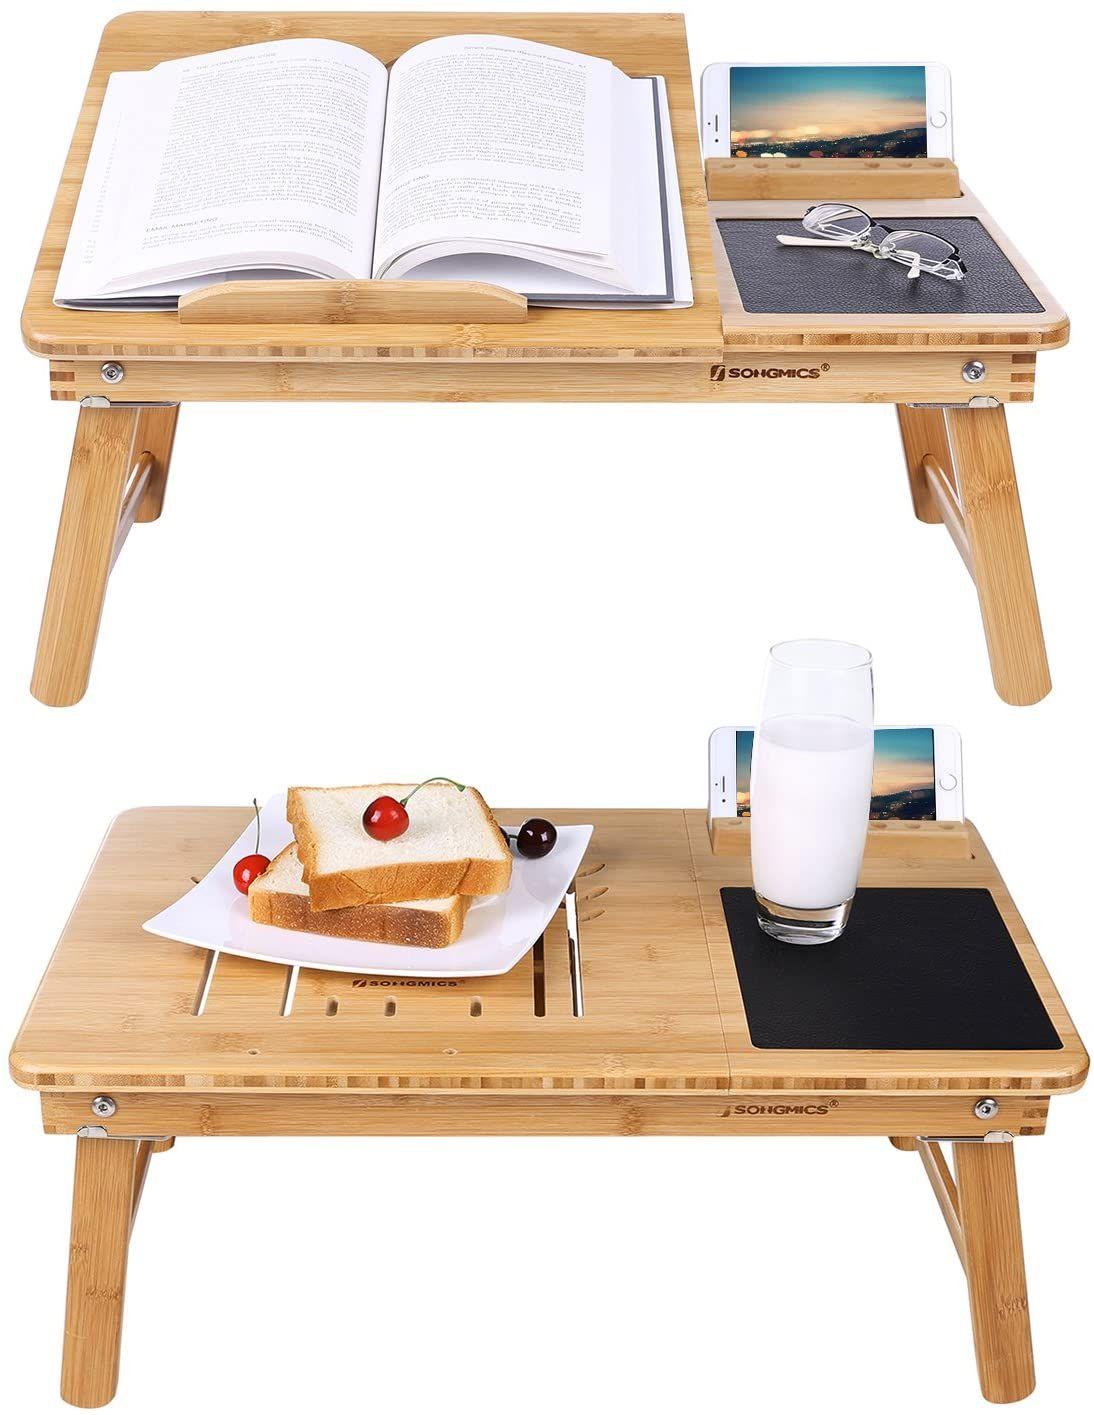 Betttisch Pure Mnmlsm Weiss Holz Metall Buche Laptoptisch